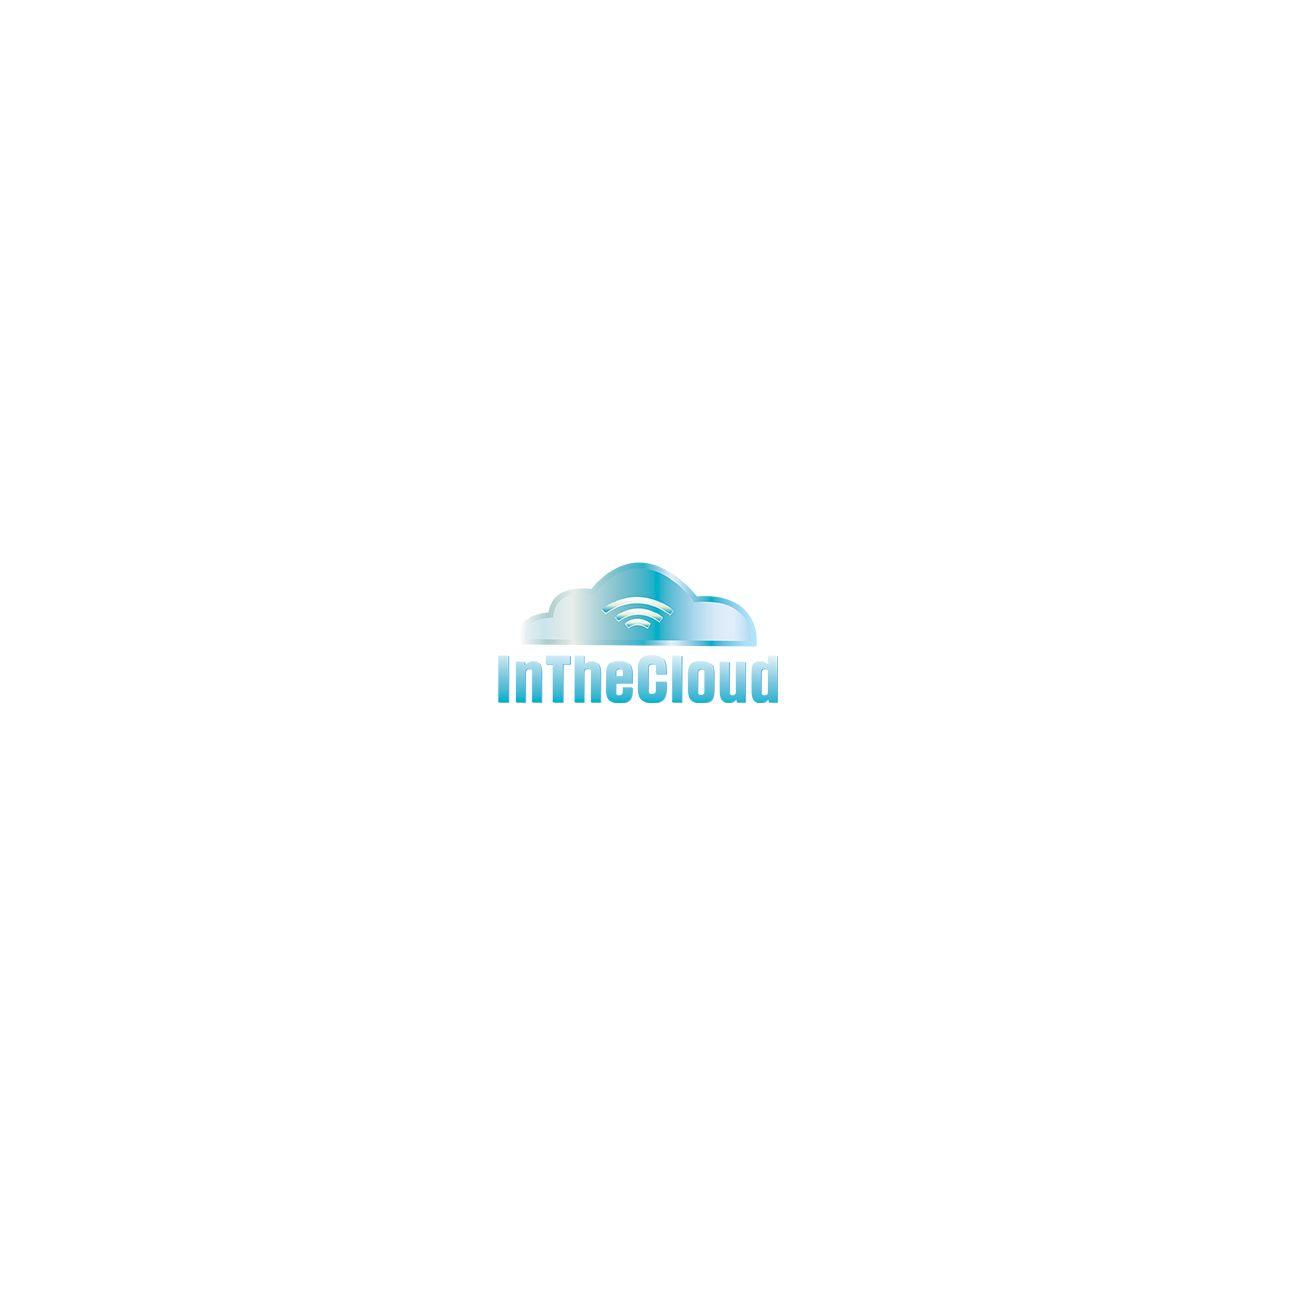 Логотип ИТ-компании InTheCloud - дизайнер SmolinDenis